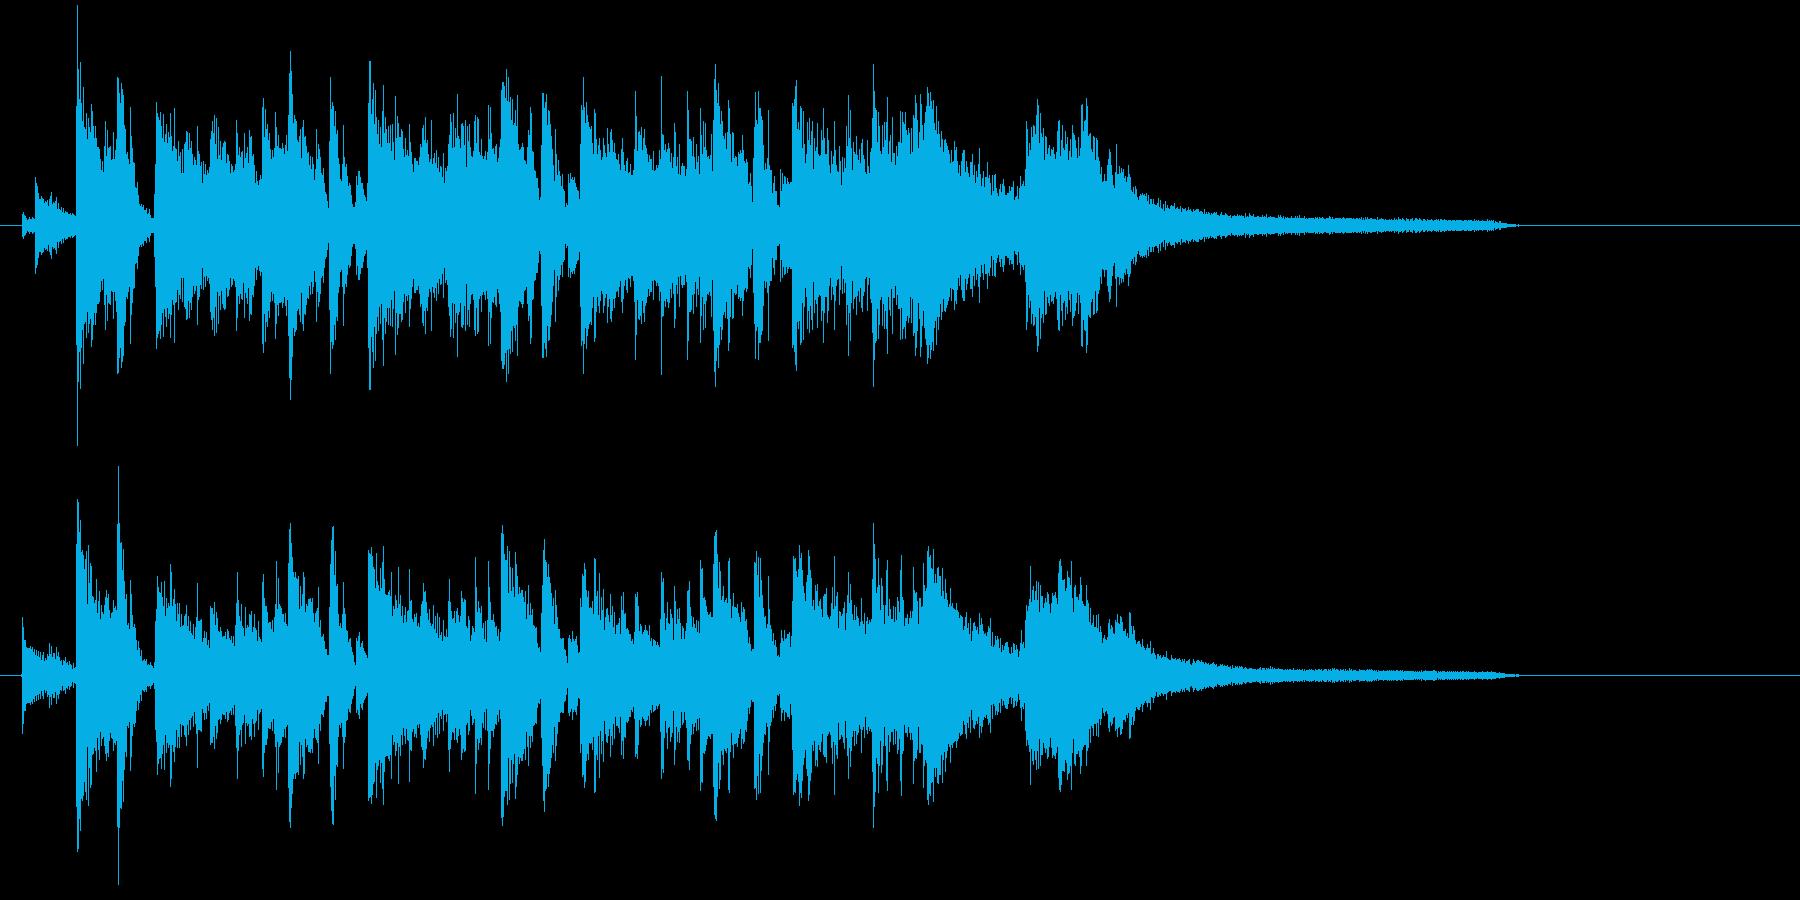 タイトルバック、ジングル、場面転換、ロゴの再生済みの波形